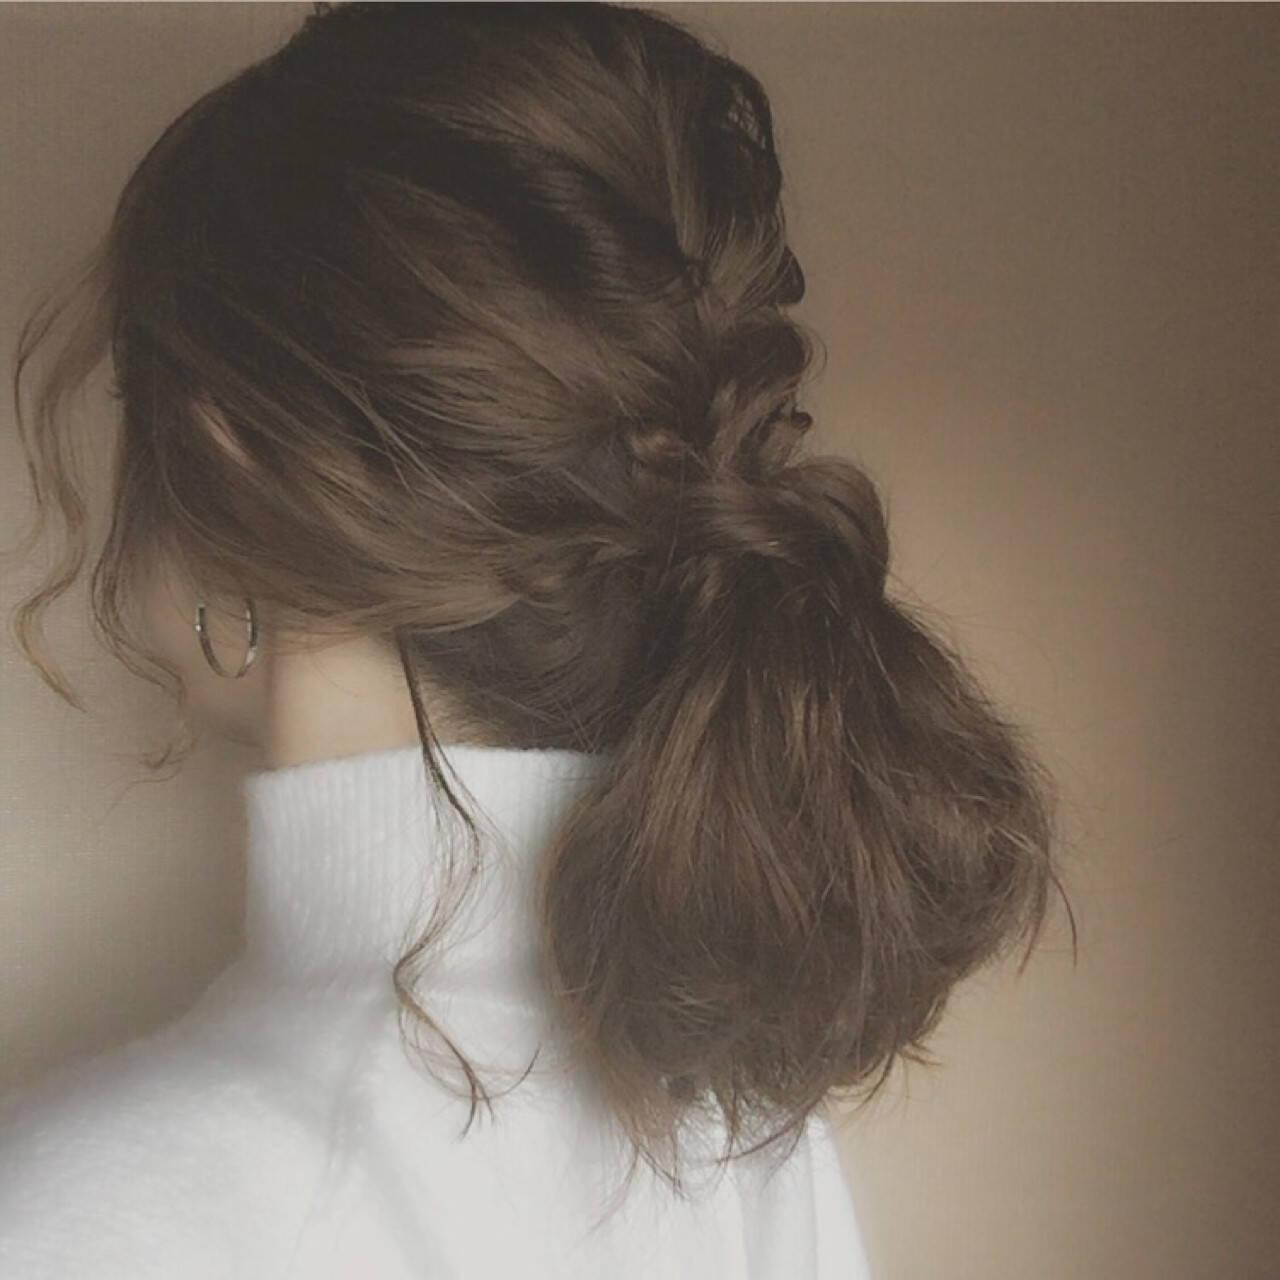 ミディアム ゆるふわ 大人かわいい ローポニーテールヘアスタイルや髪型の写真・画像